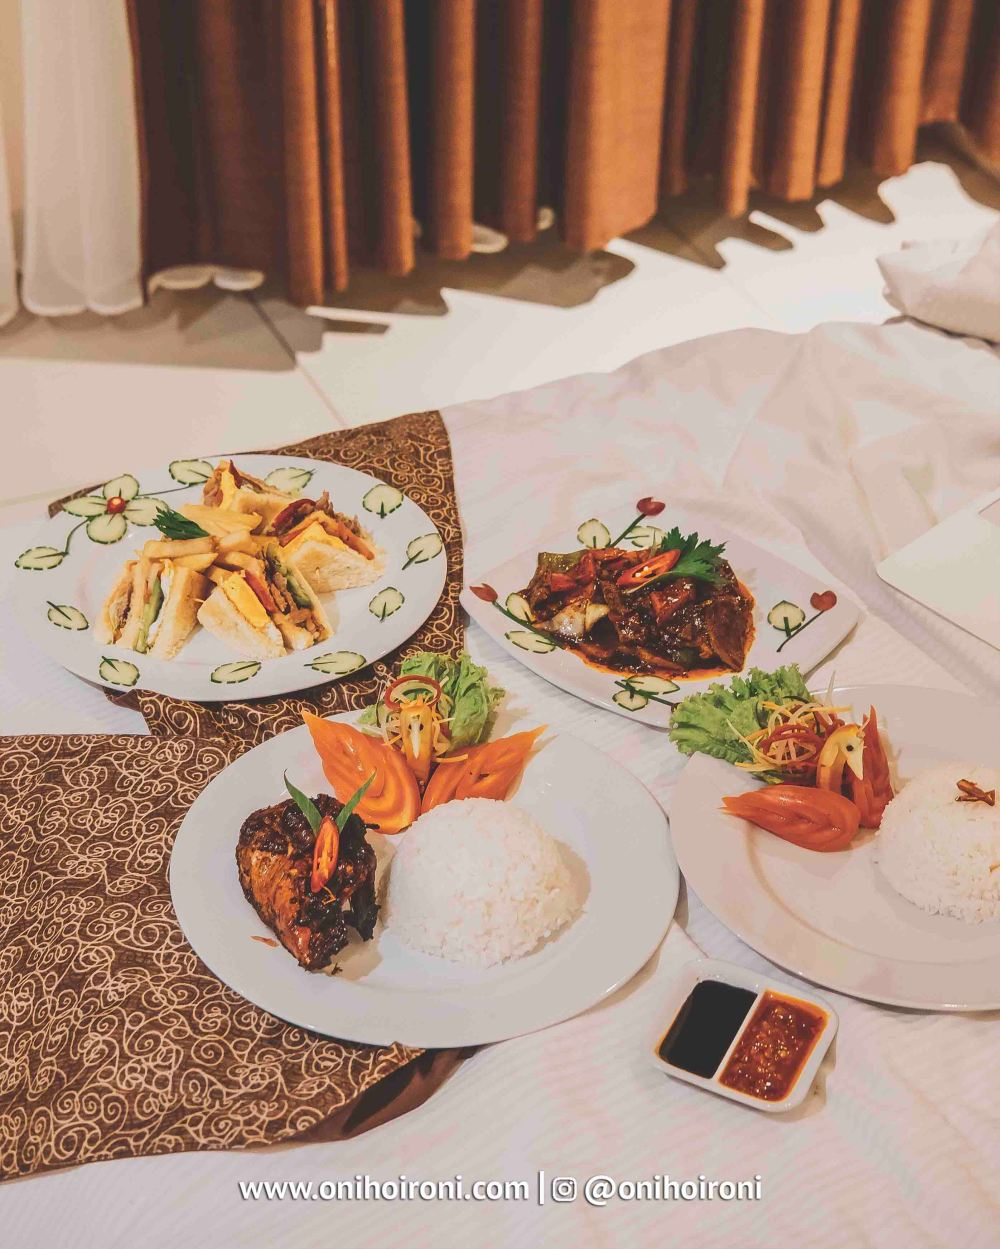 6 Food M One Hotel Sentul Bogor, Onihoironi